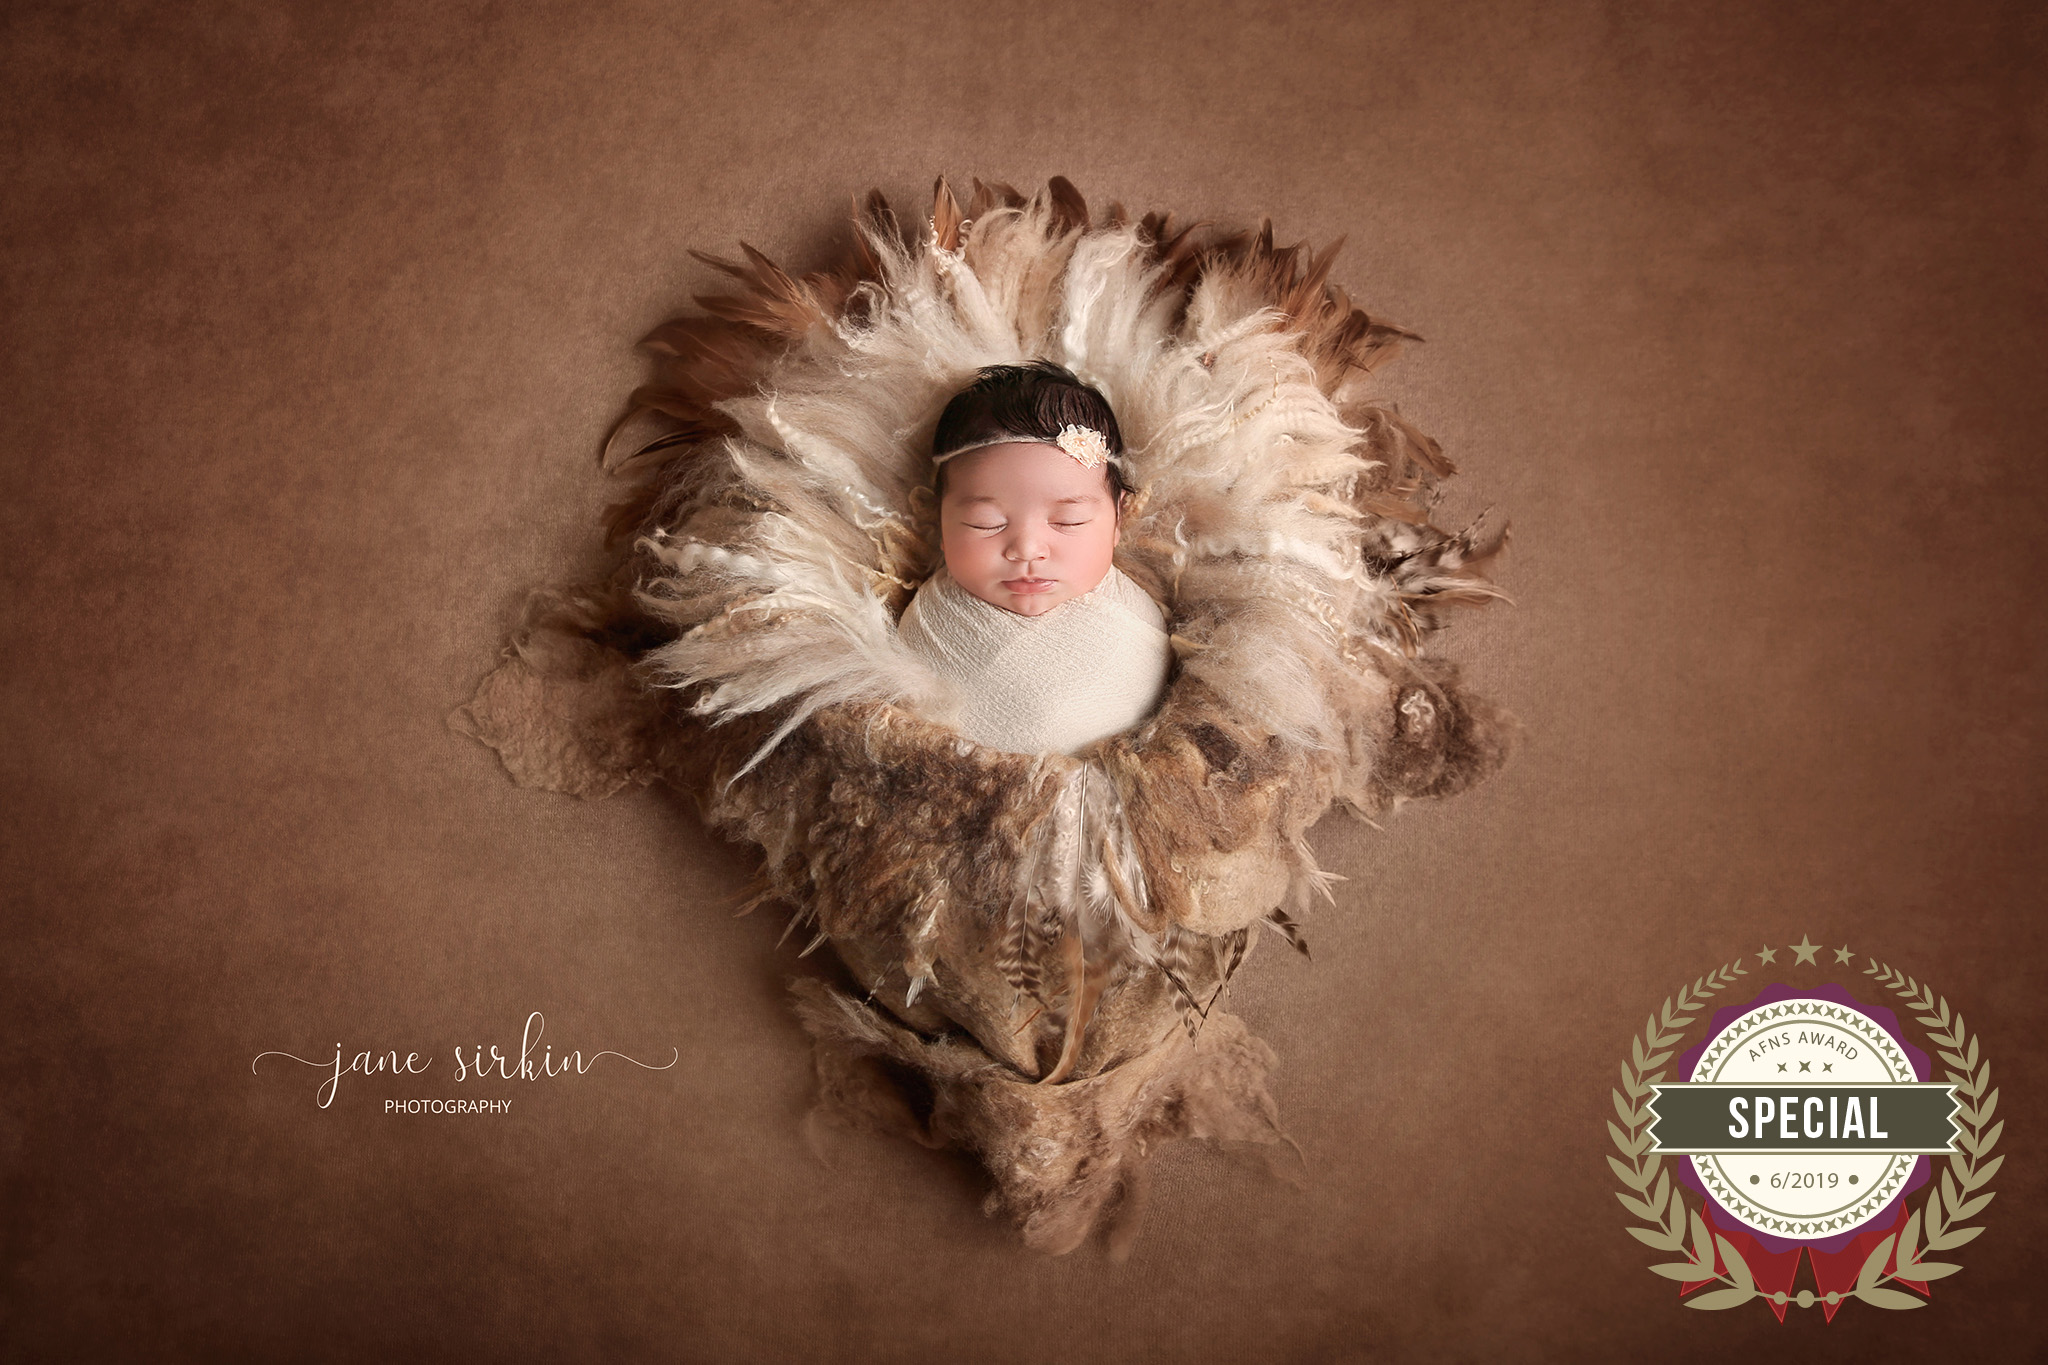 56906439_js_newborn_004.jpg